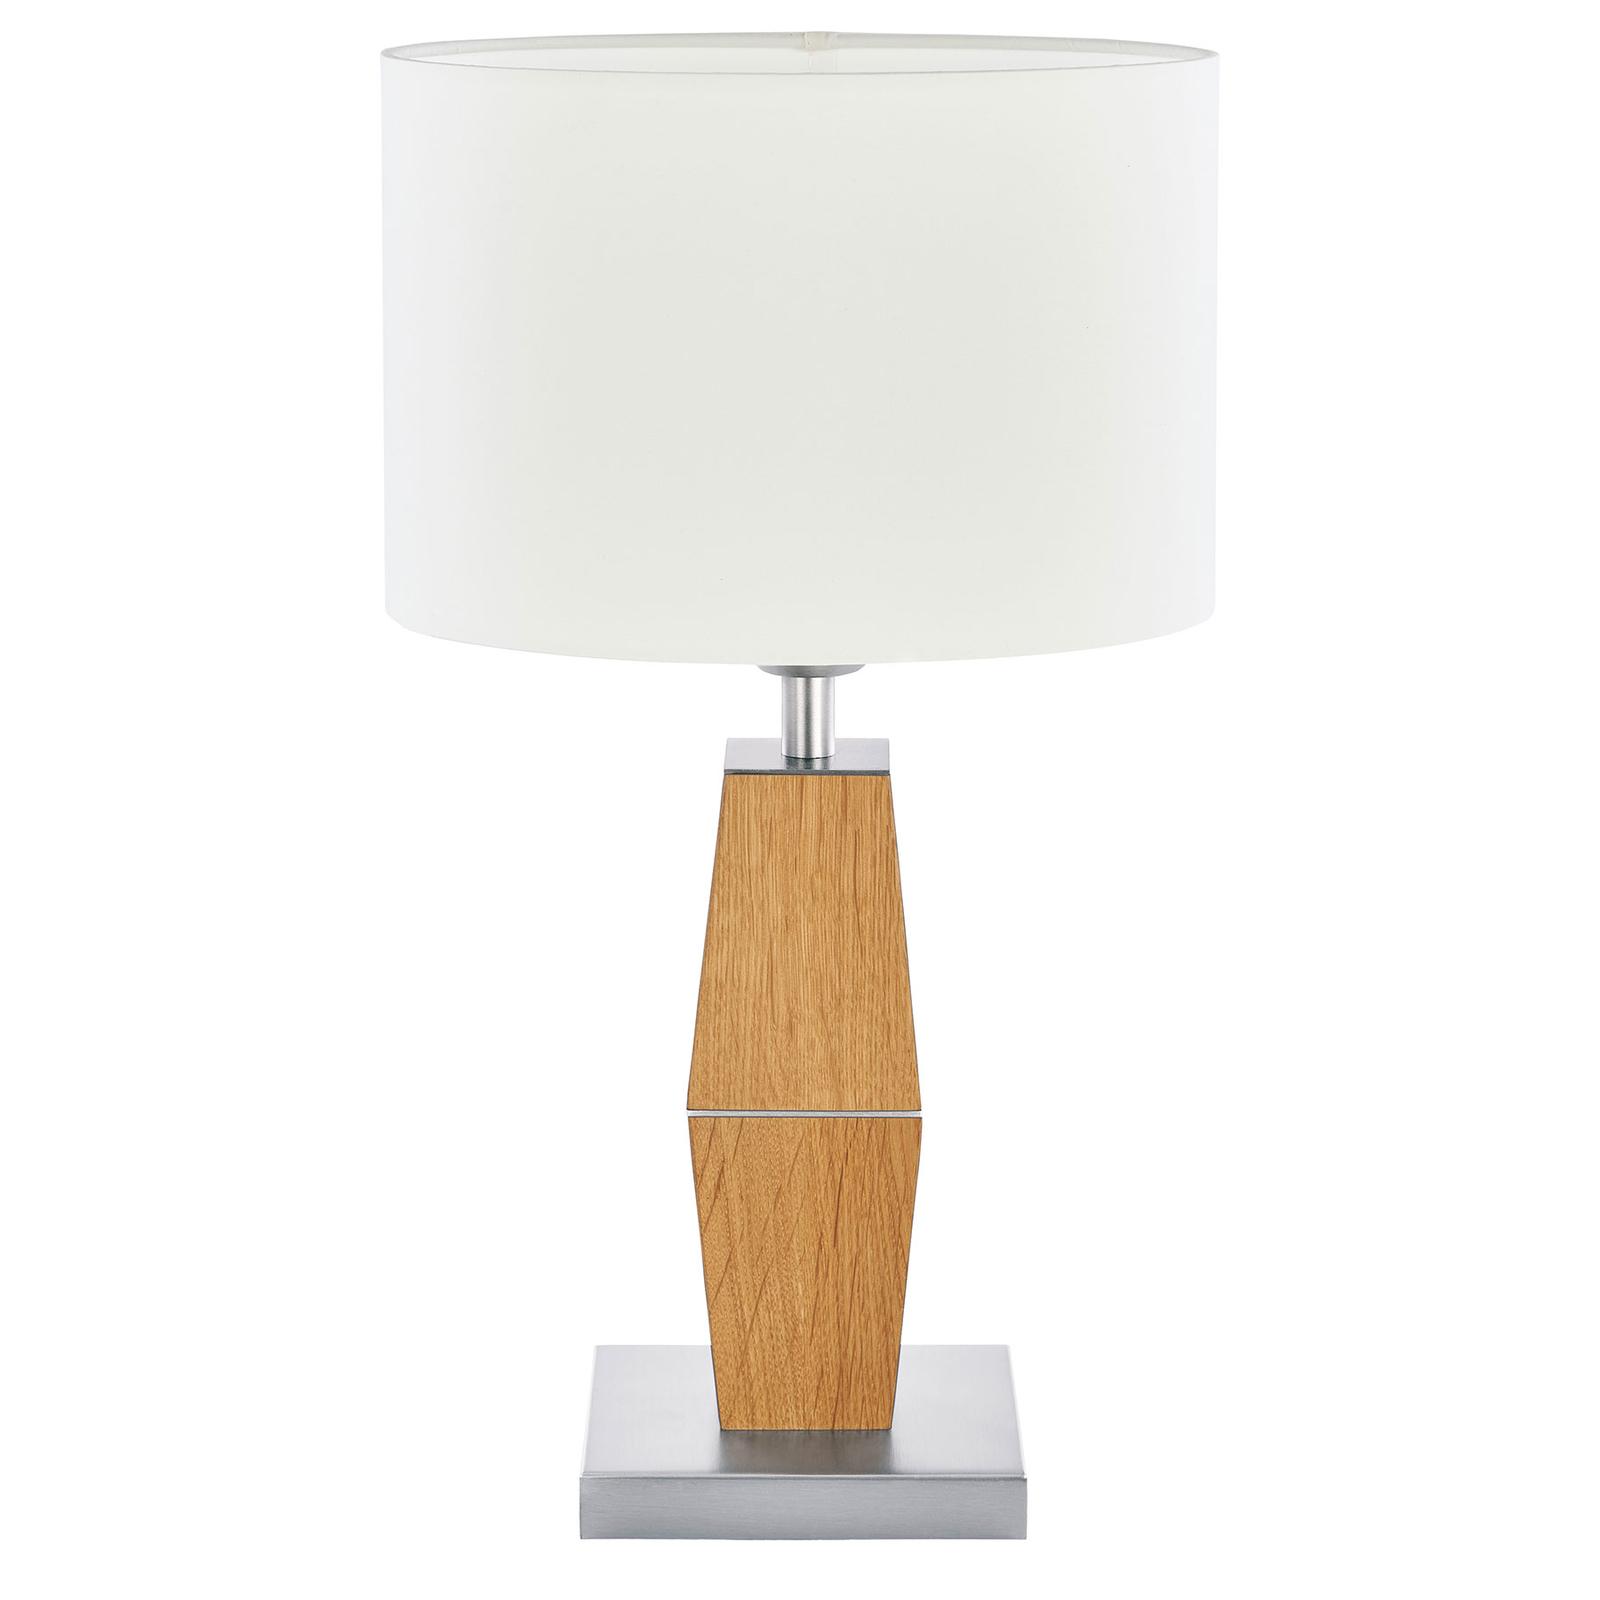 HerzBlut Marla Tischlampe, Eiche geölt weiß 42,5cm